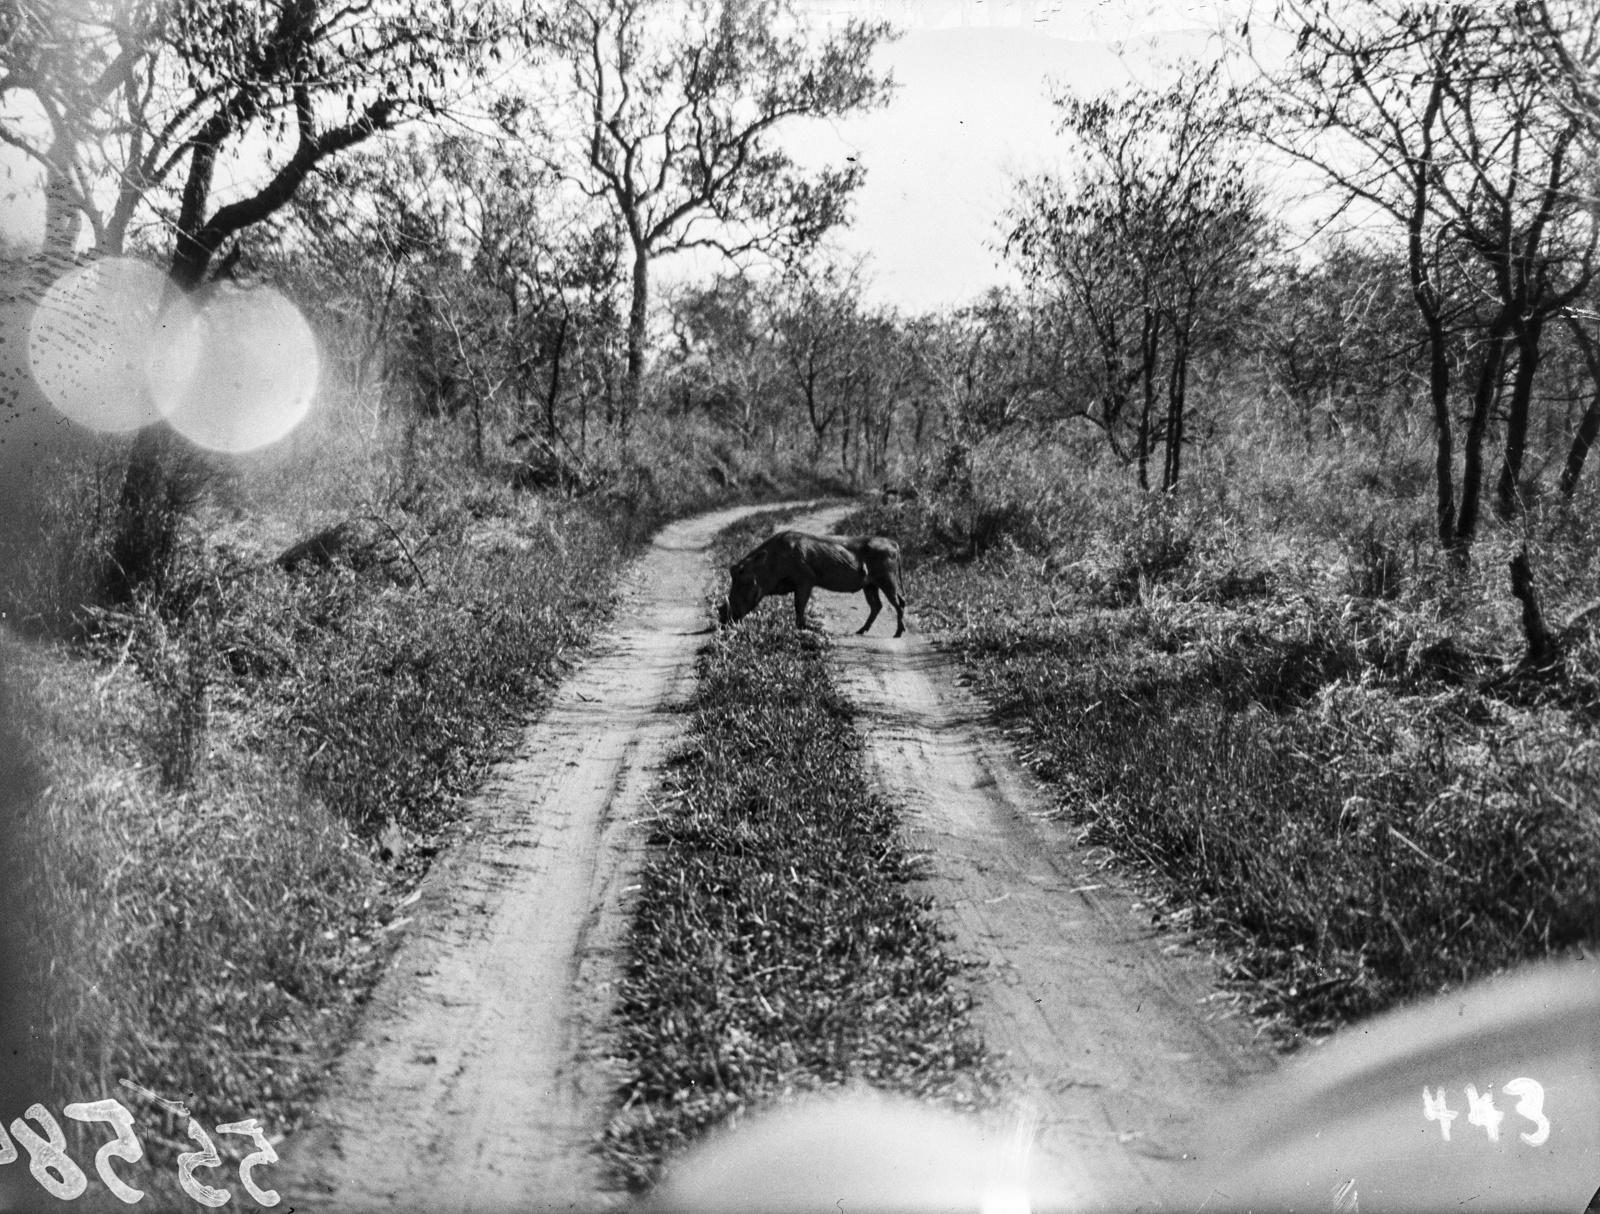 Национальный парк Крюгера. Бородавочник пересекает дорогу перед машиной экспедиции